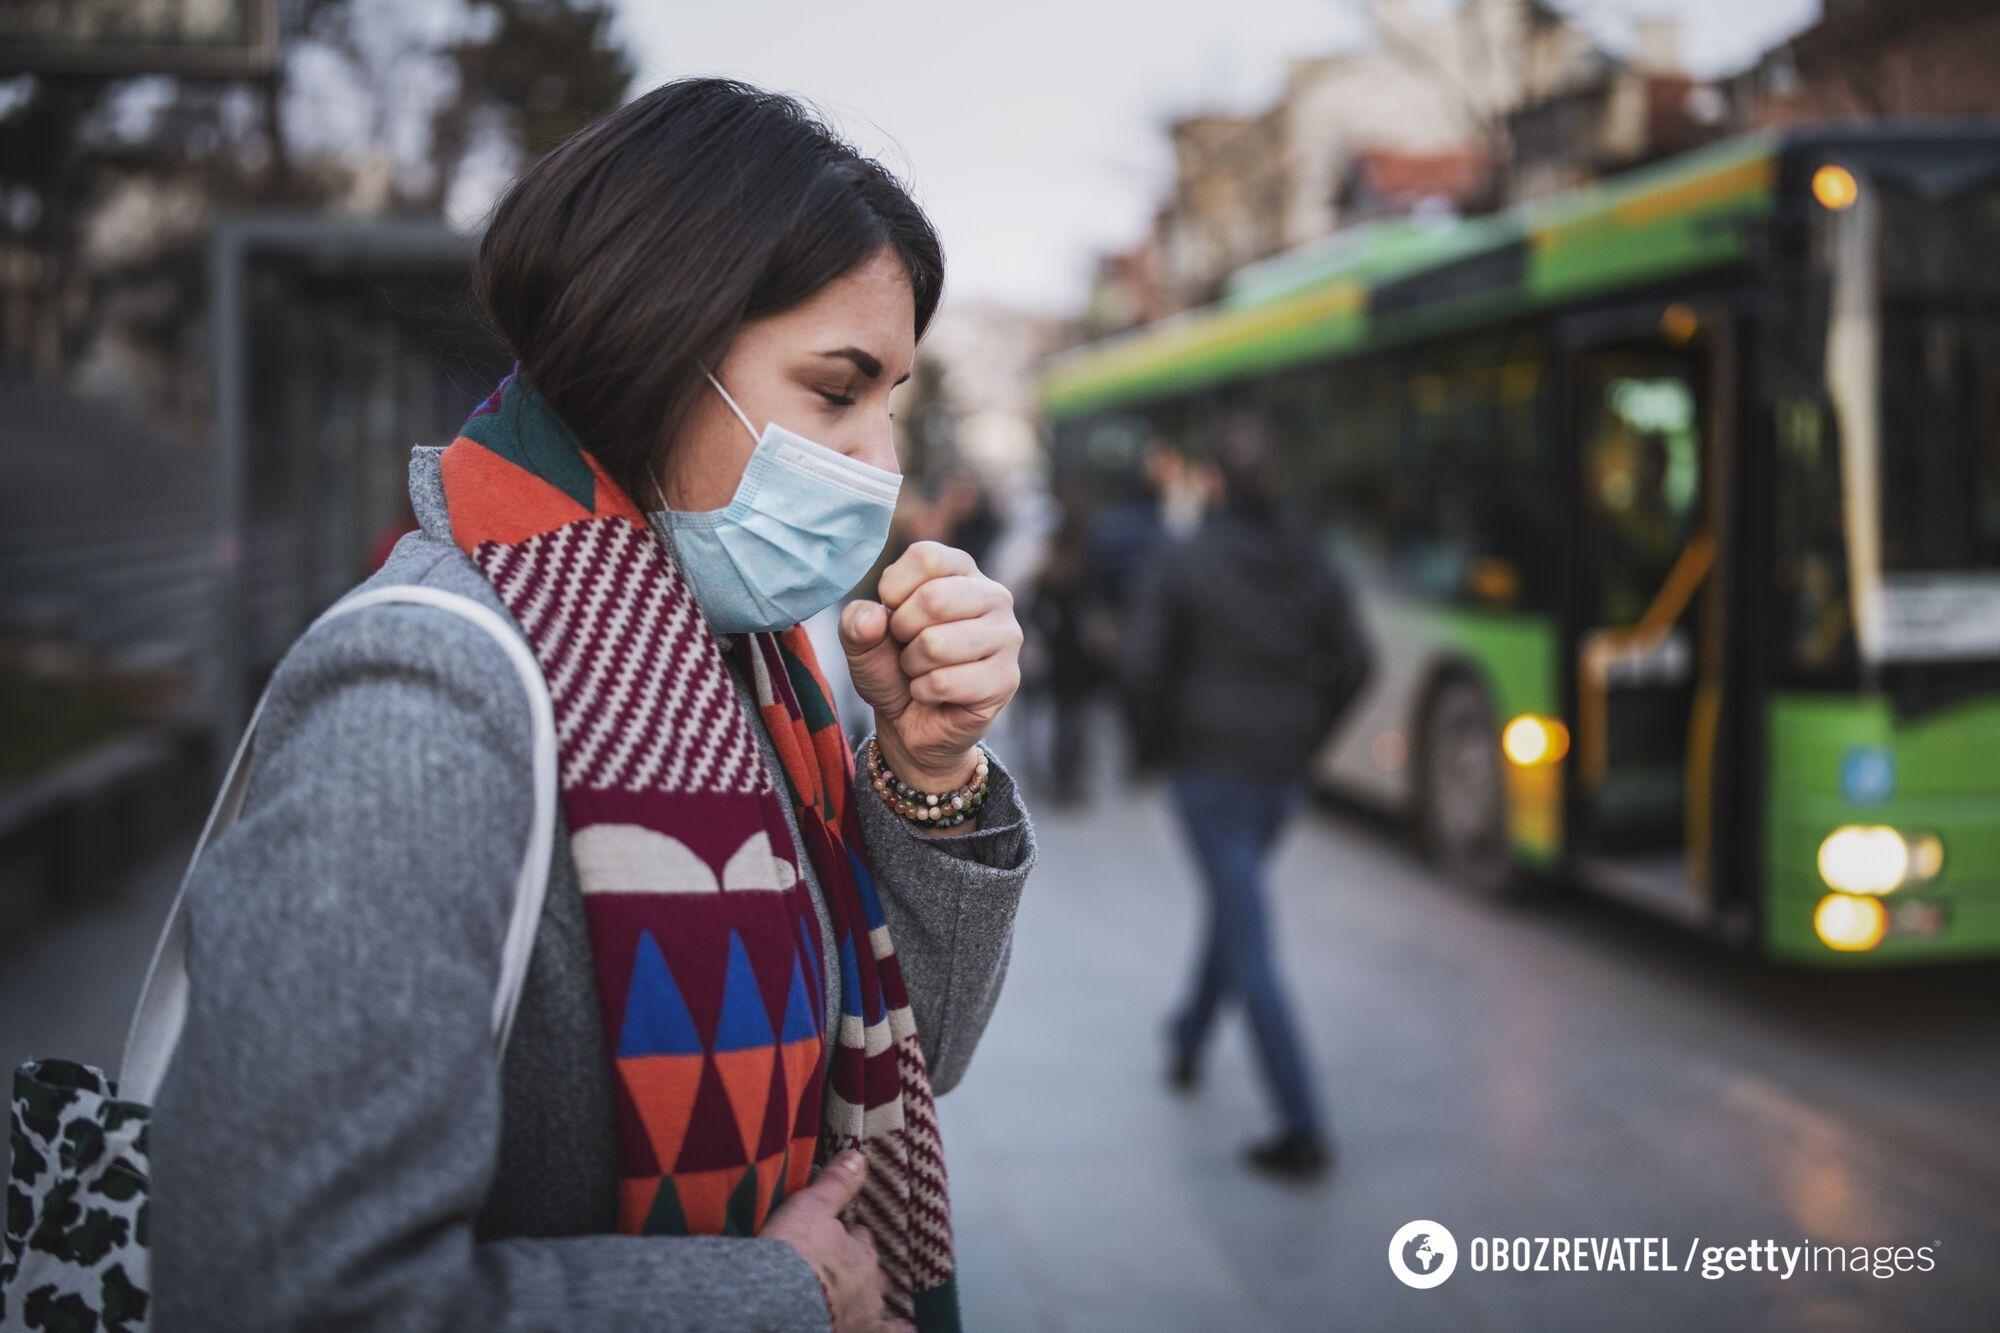 Находясь в толпе на улице, стоит носить защитную маску